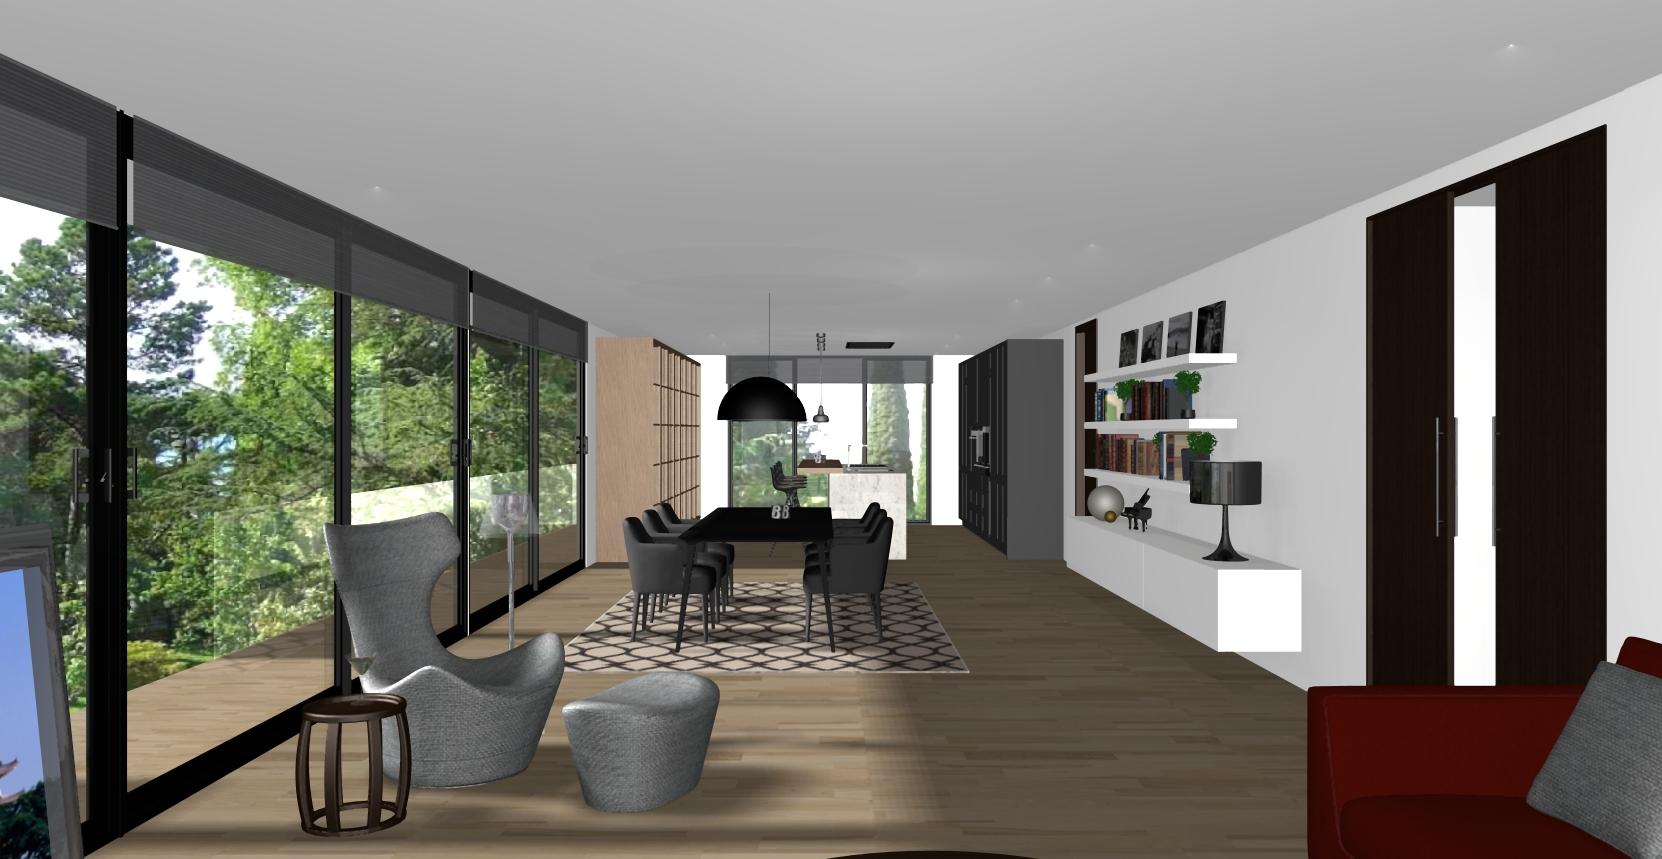 Binteriorismo Mobiliario Cocina Muebles Lugo Galicia  # Muebles Galicia